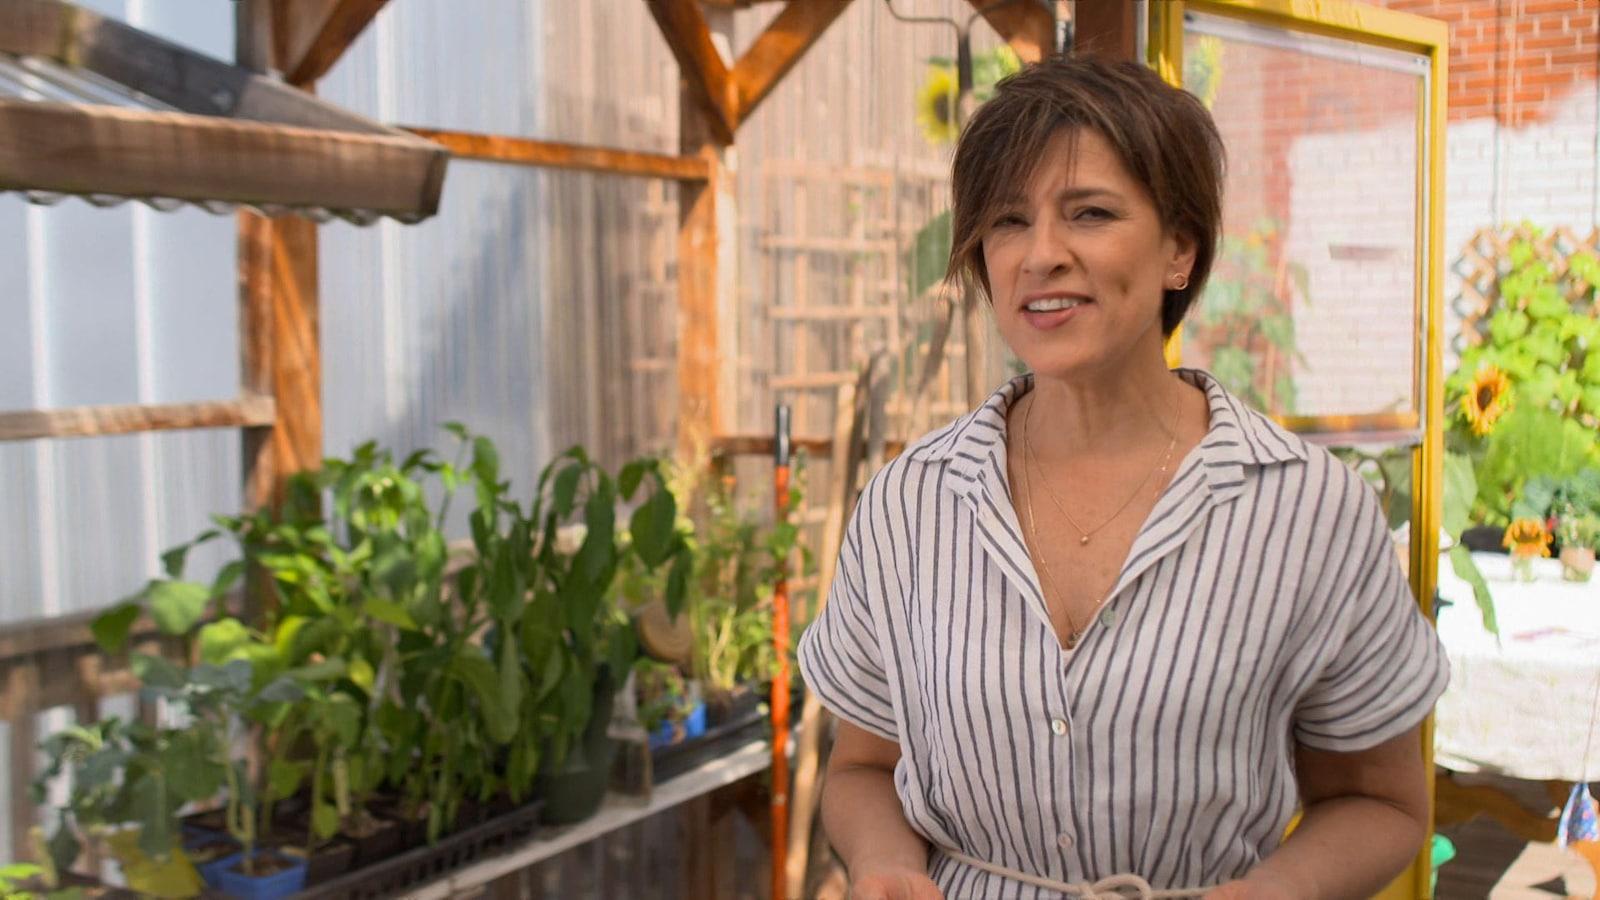 Dans une serre où poussent des plants de légumes, Johanne Despins s'adresse à la caméra.